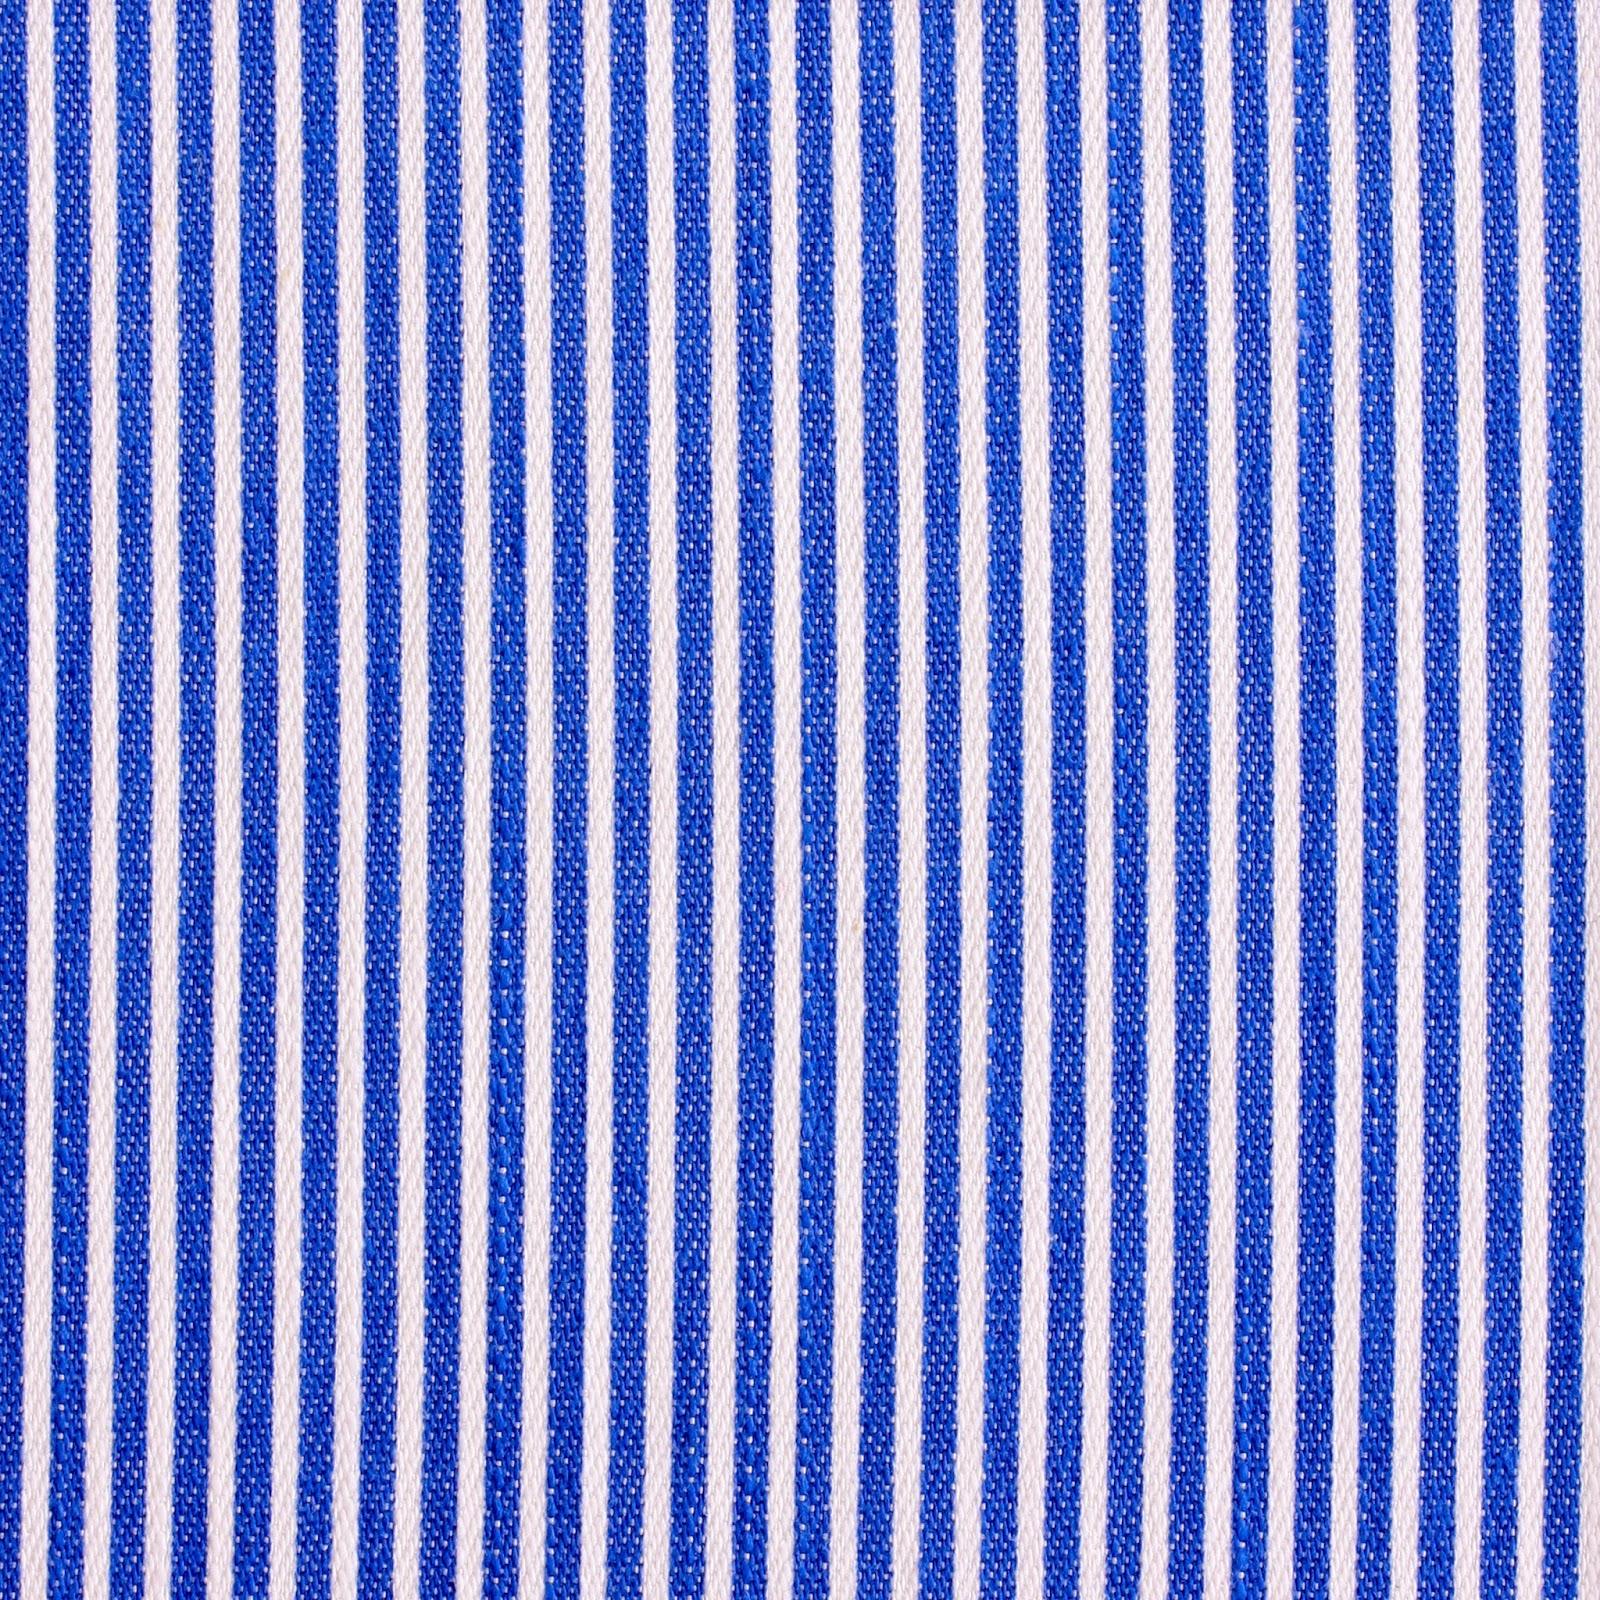 Mælkedrenge stribet stof i blå og hvid